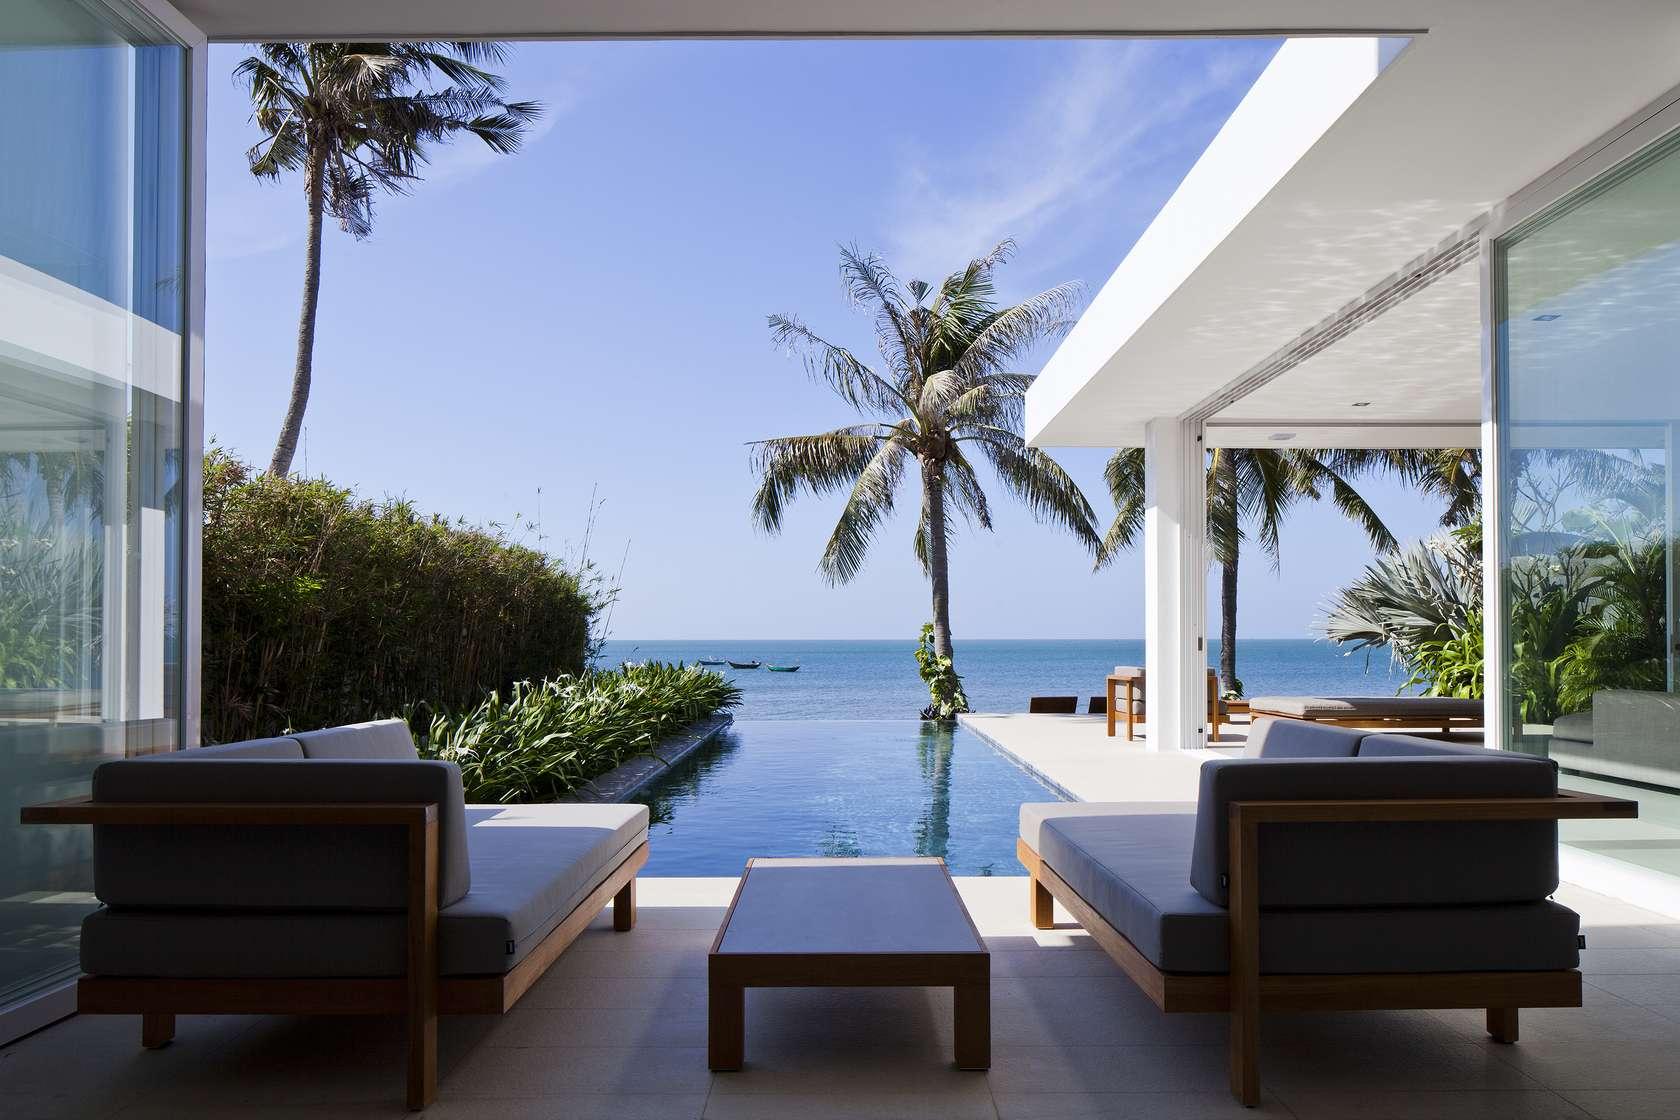 oceanviewpatio  Interior Design Ideas